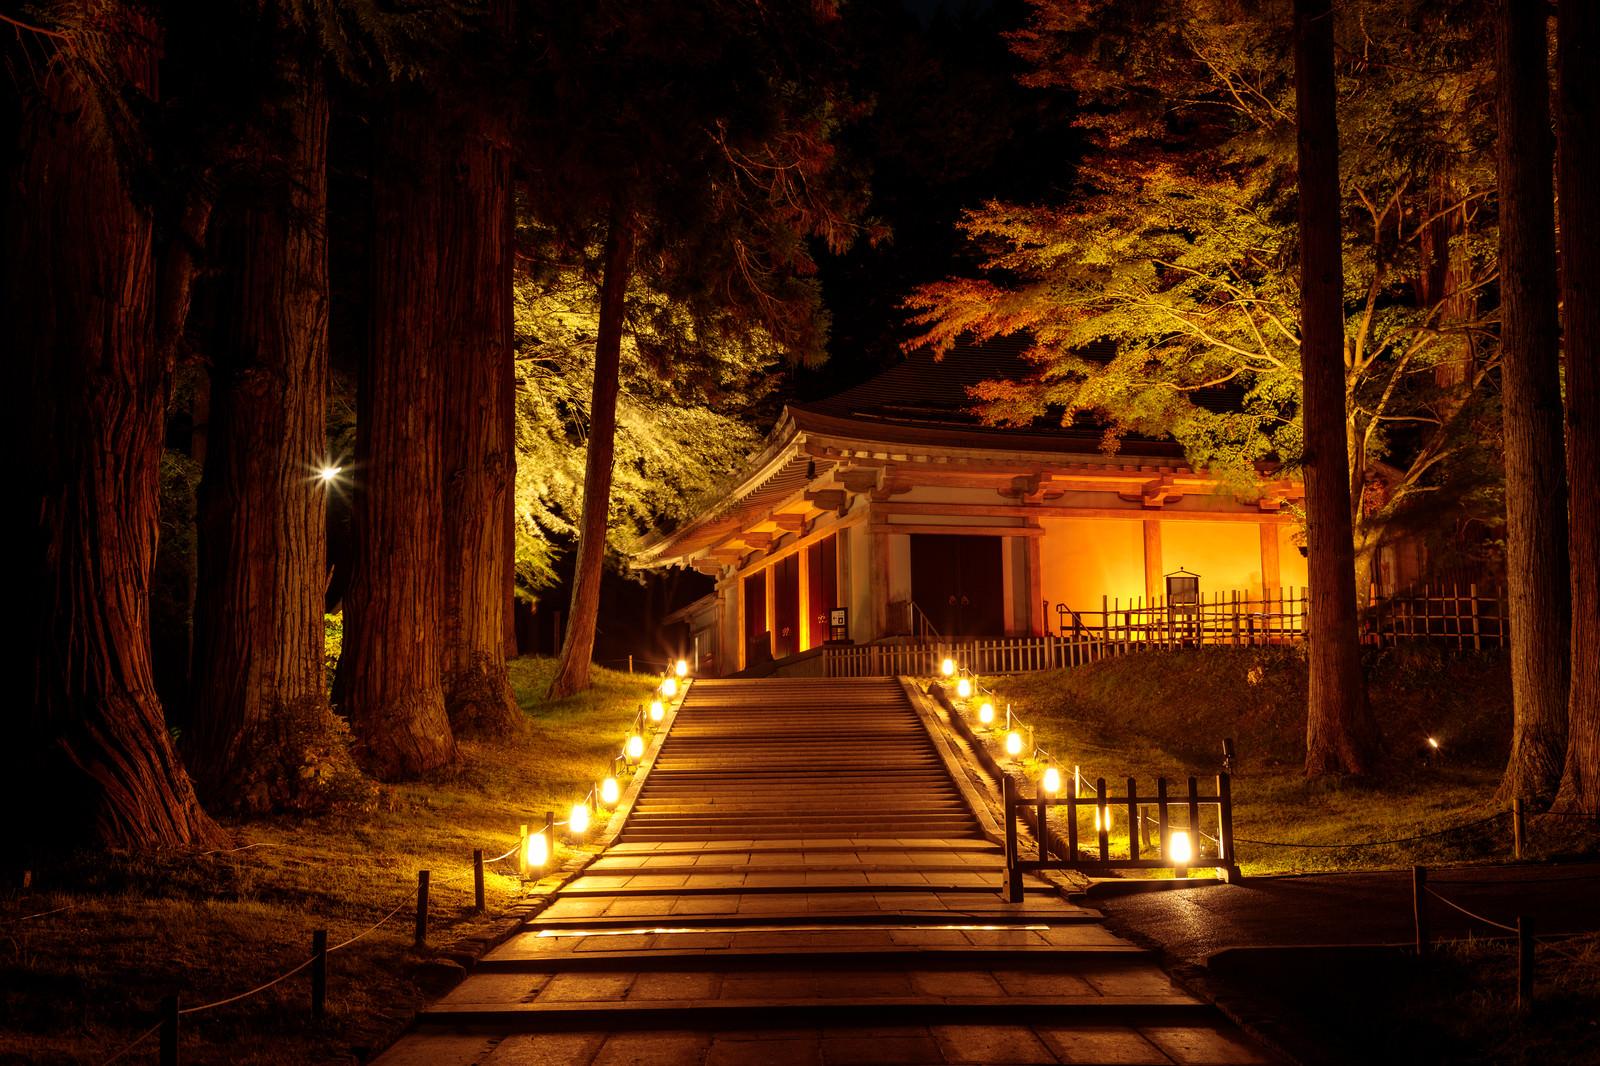 中尊寺金色堂の画像 p1_29